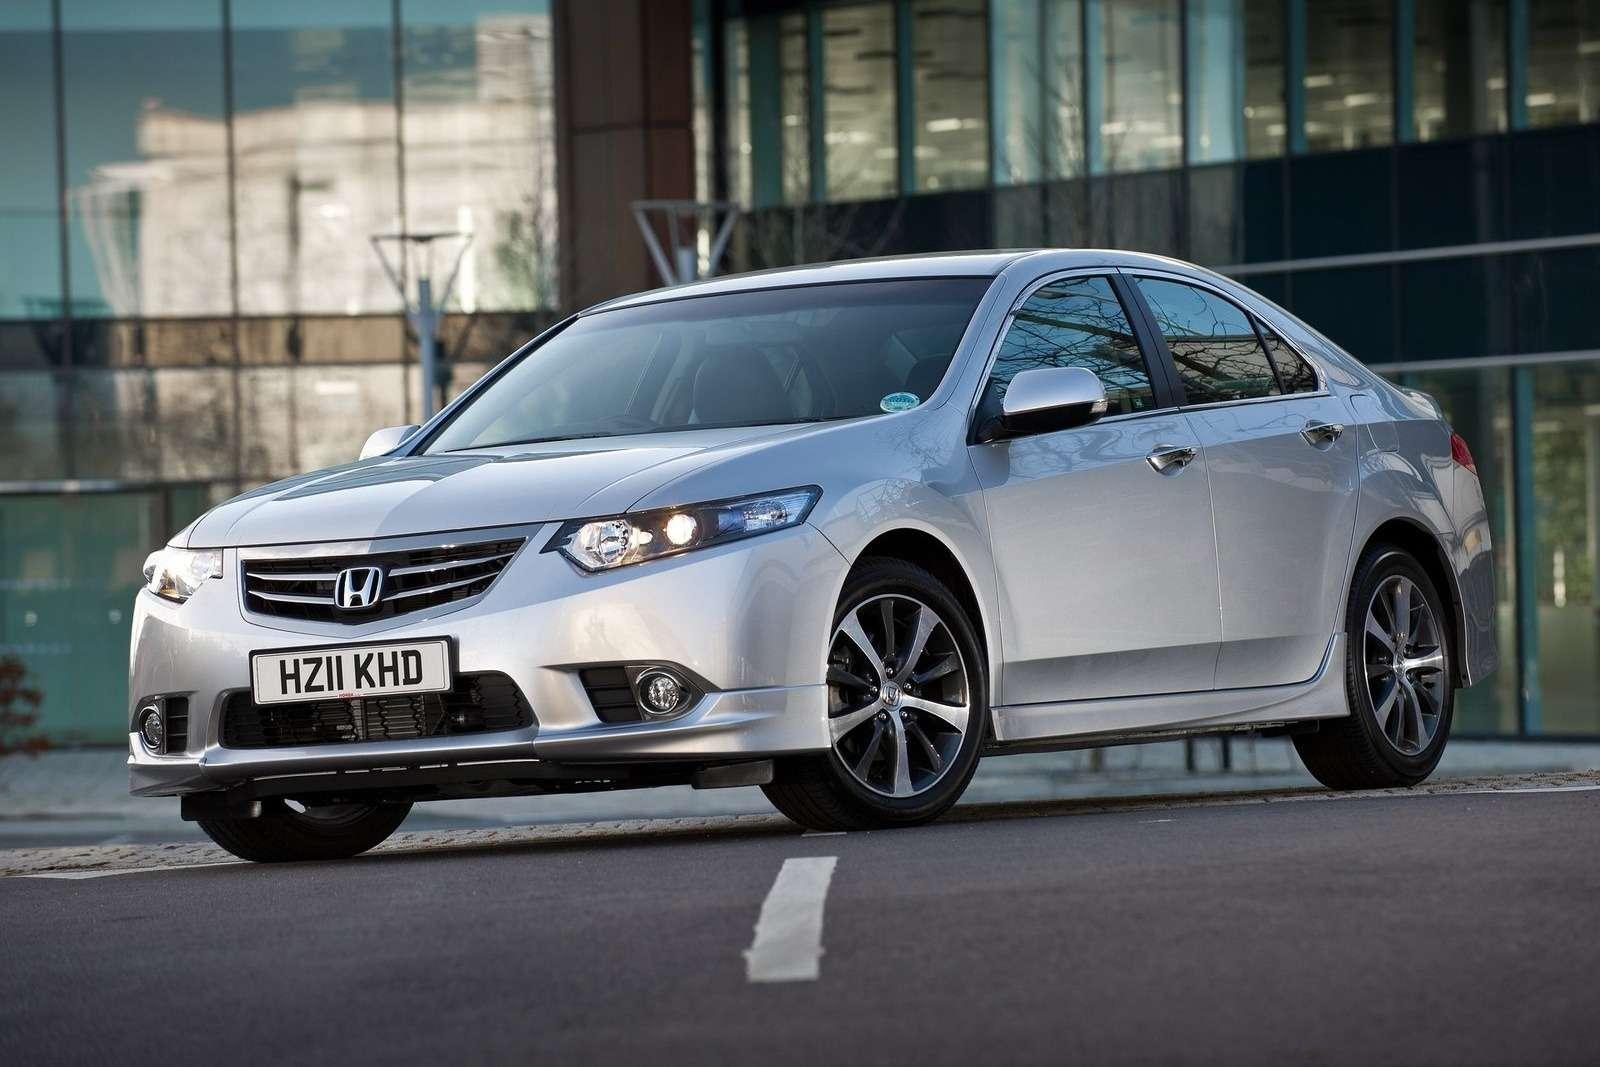 Honda-Accord_EU_Version_2011_1600x1200_wallpaper_01